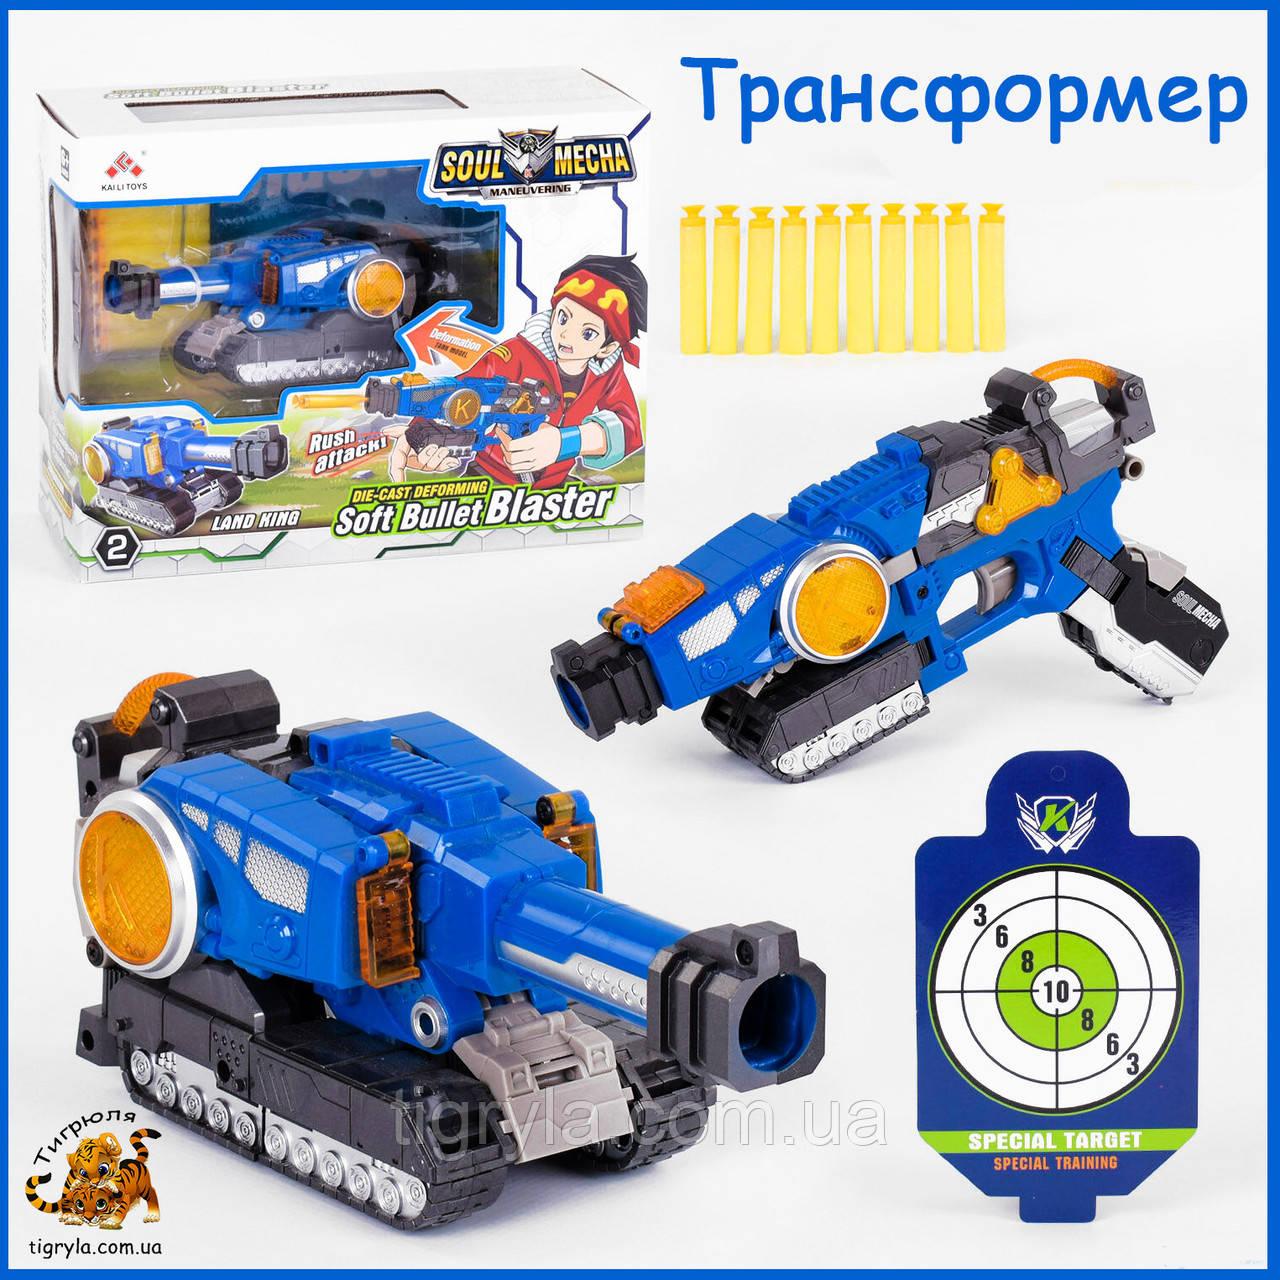 Пистолет трансформер танк